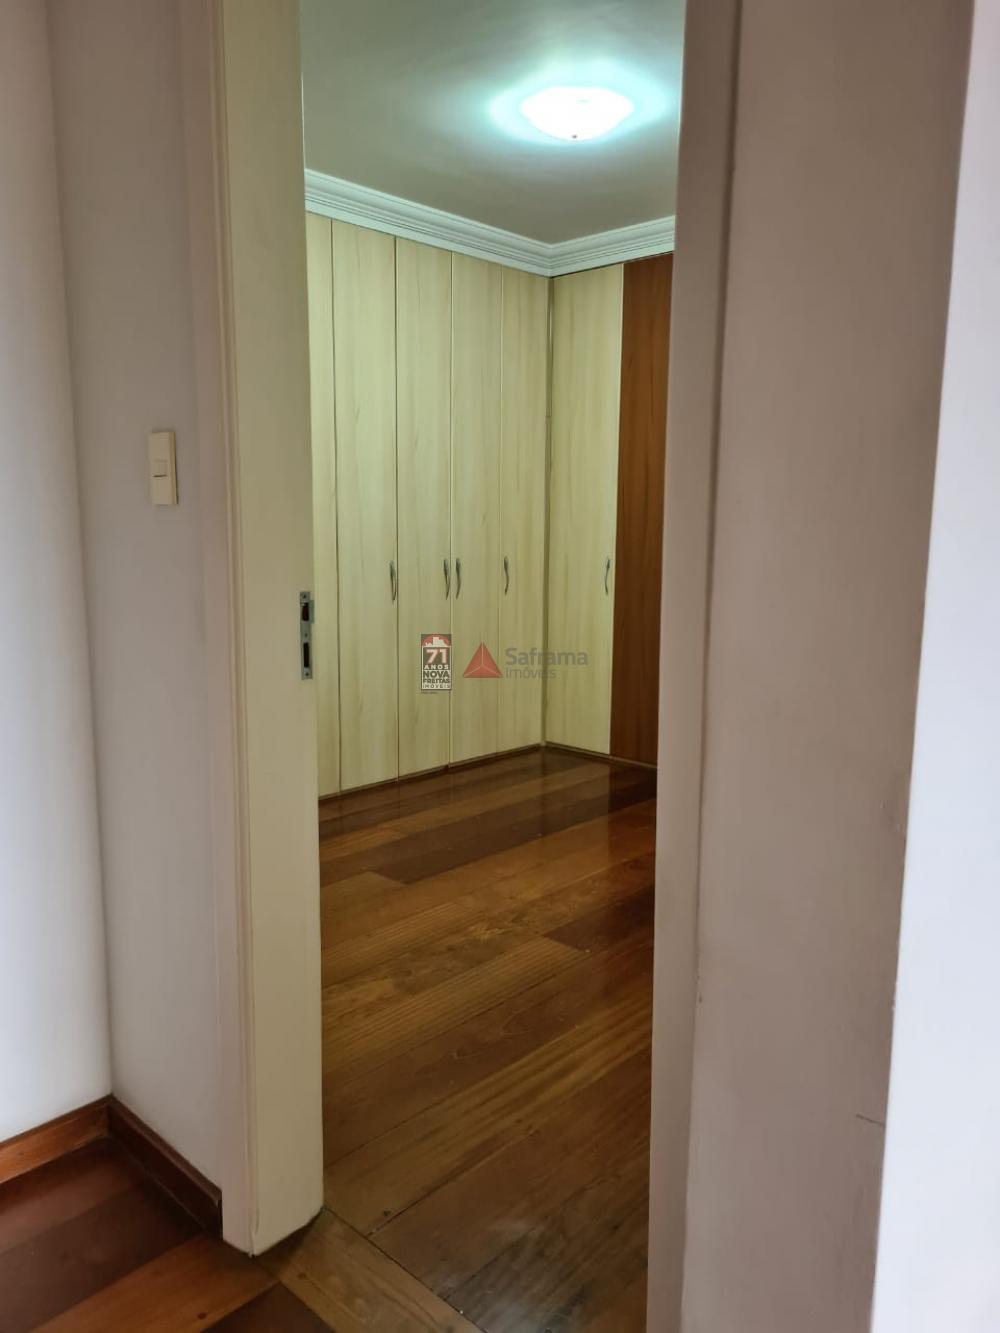 Comprar Apartamento / Padrão em Pindamonhangaba apenas R$ 430.000,00 - Foto 20